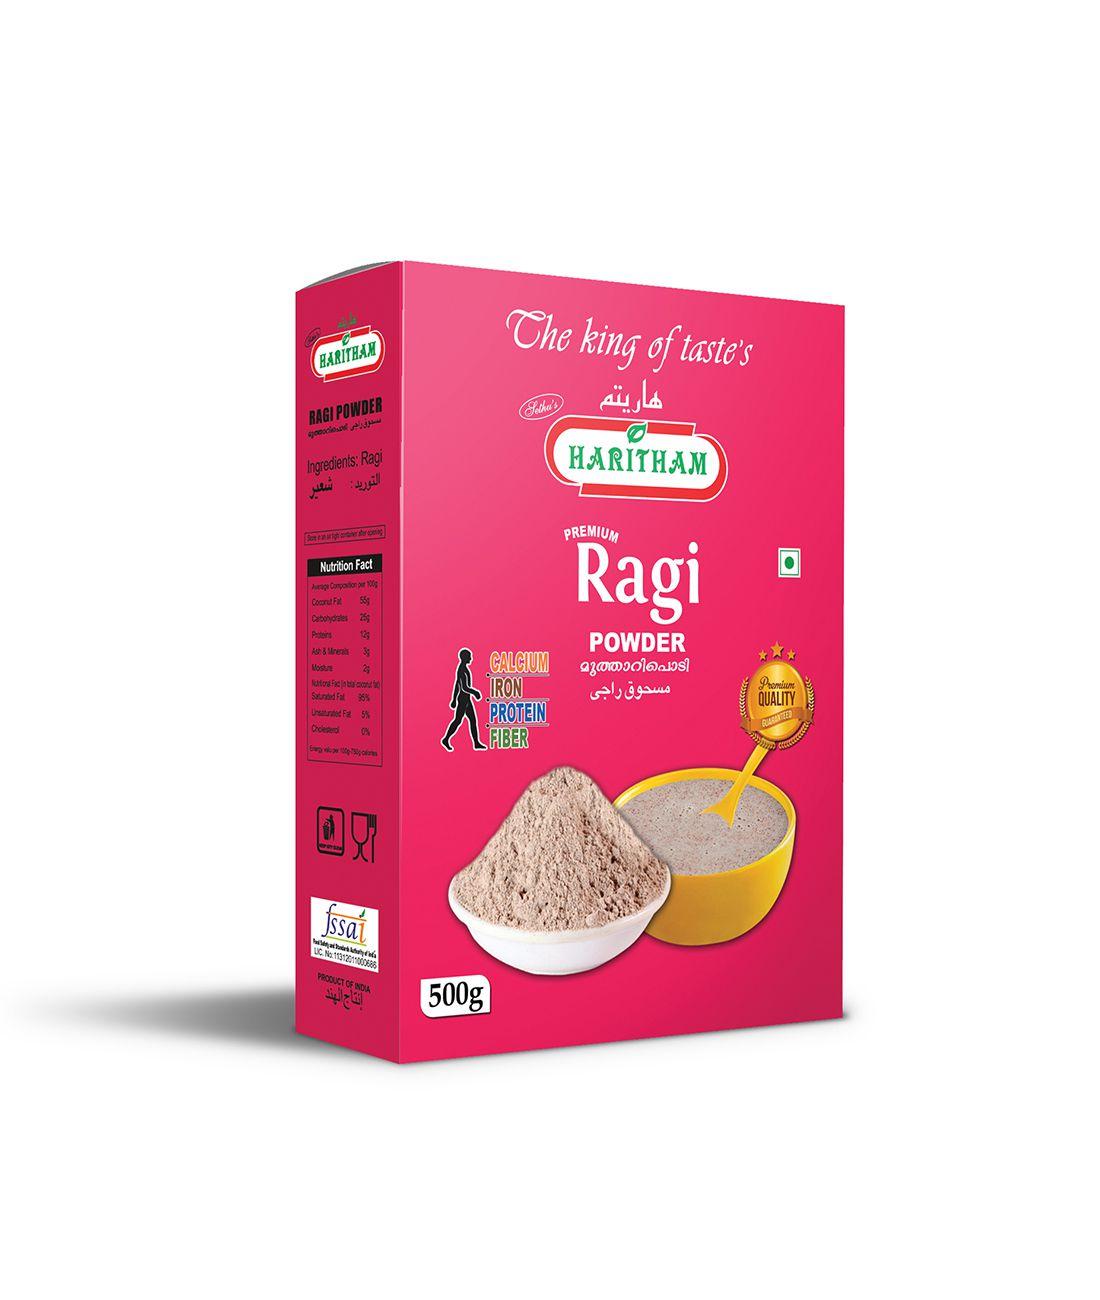 Ragi Powder Premium